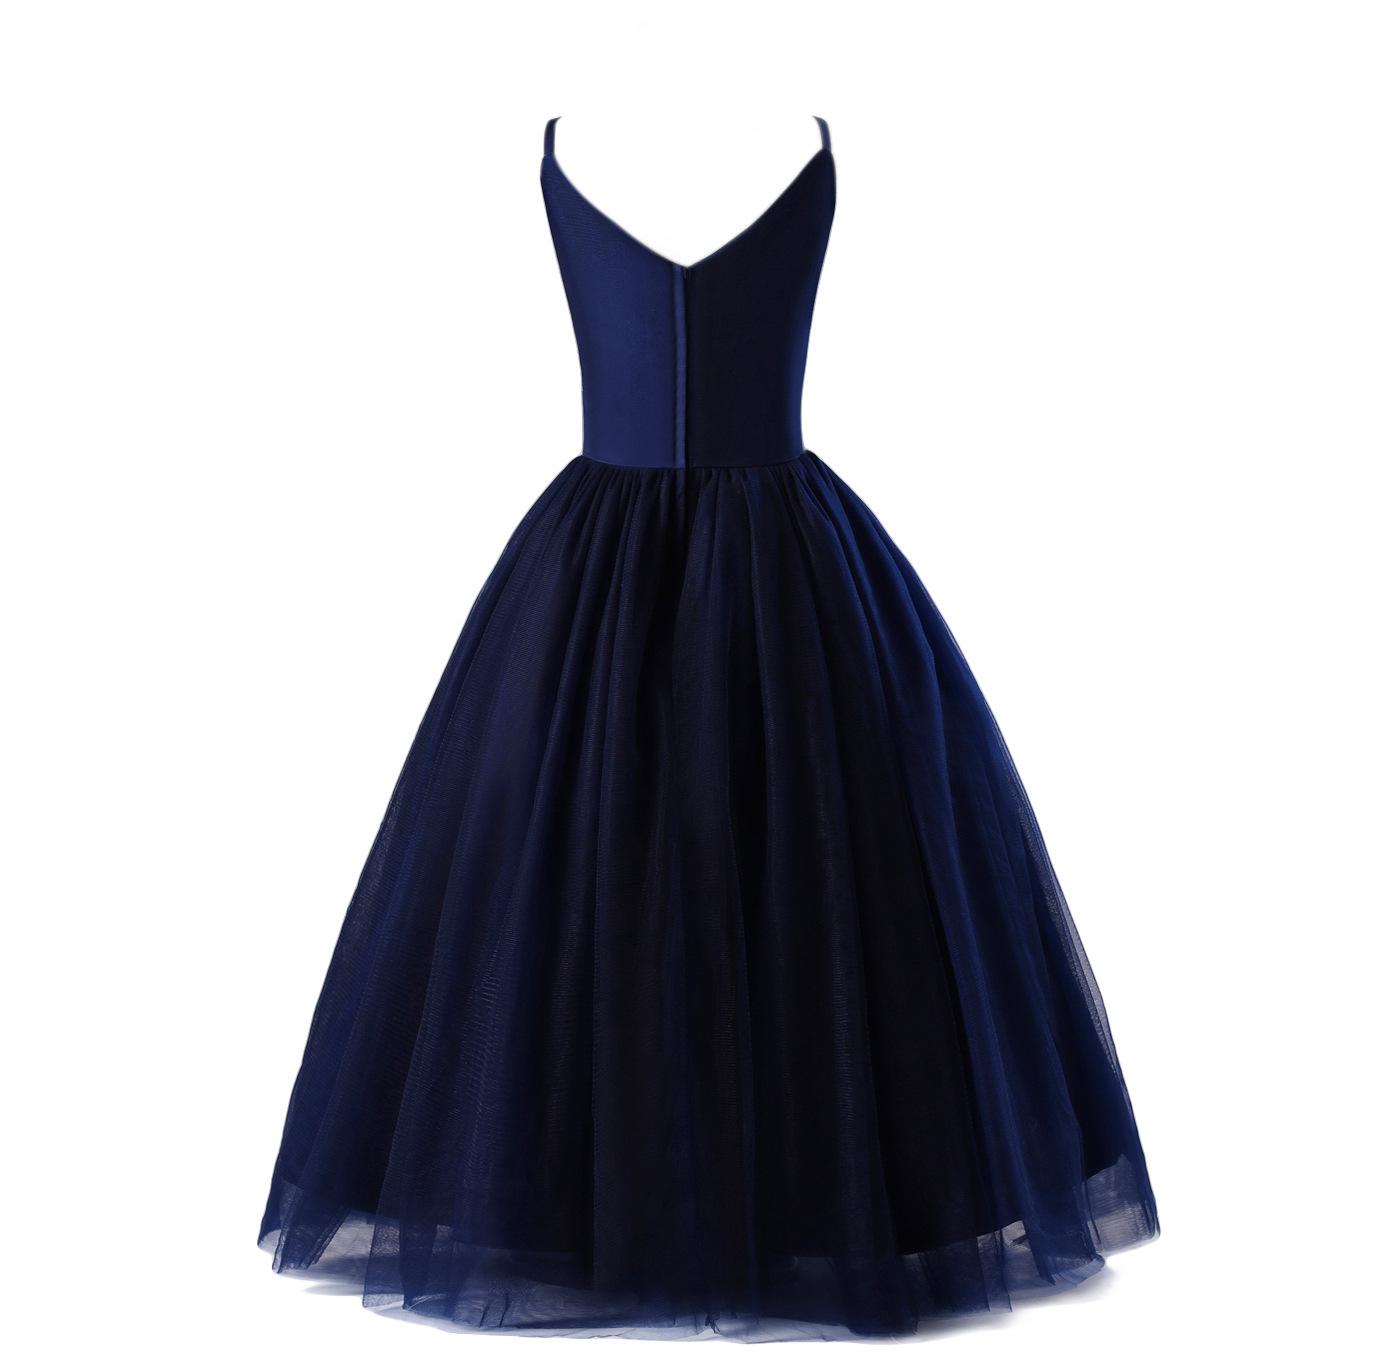 302daafd29cc BBWOWLIN 4 10 Years Navy Blue Flower Girl Dress Wedding Birthday ...